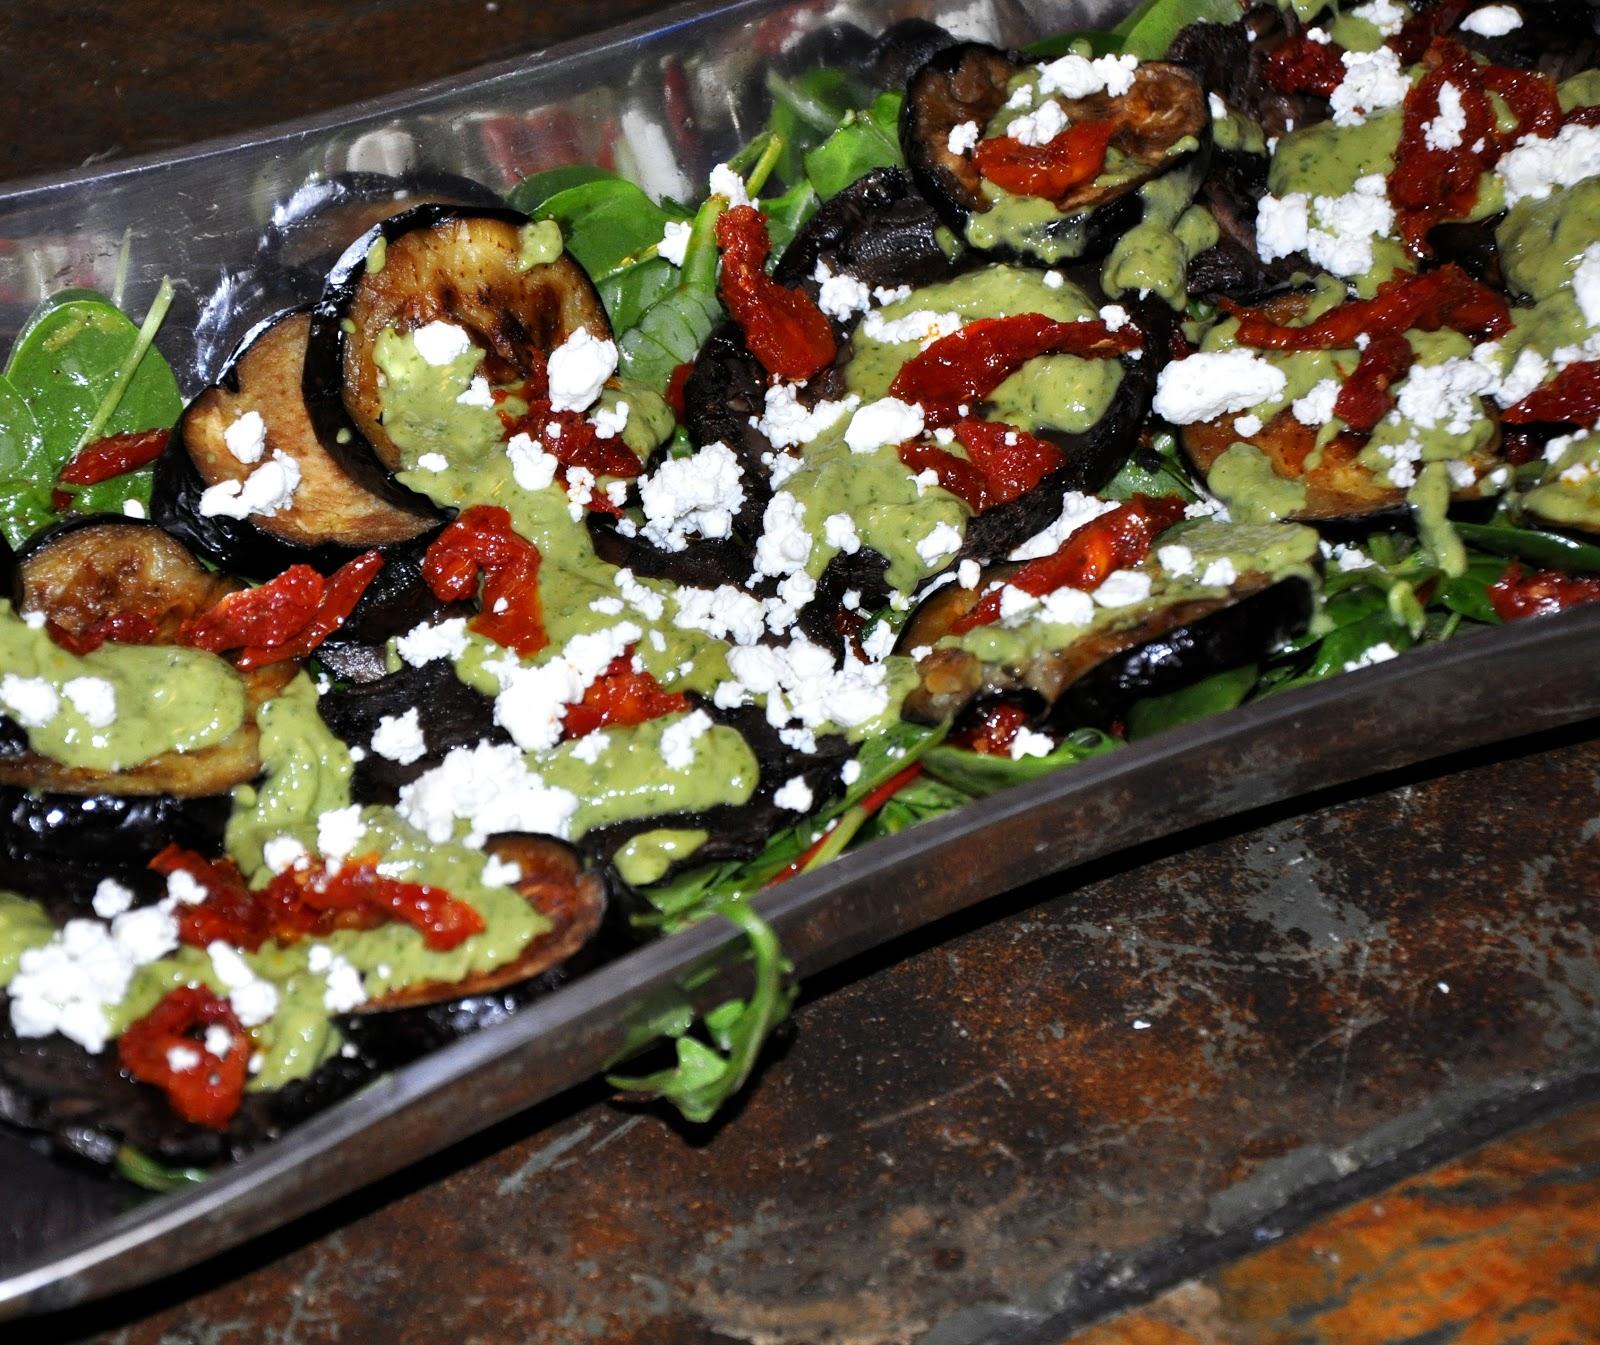 Secrets of a Foodie: Roasted Eggplant and Portabella Mushroom Salad